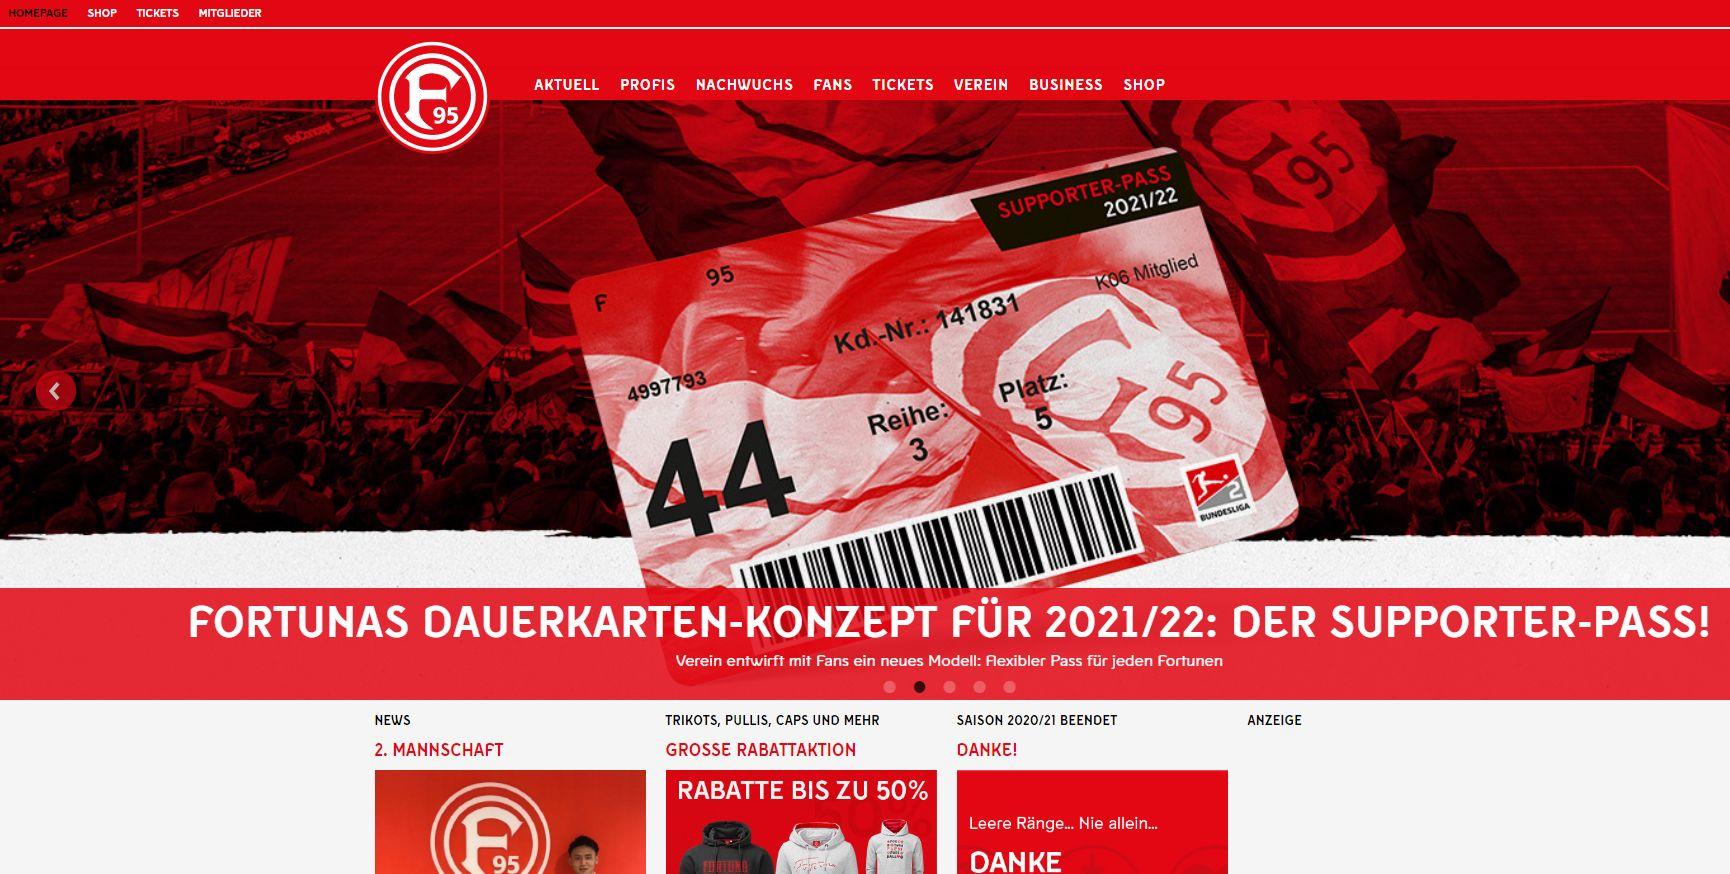 Die üblichen Meckereien der Fortuna-Fans - diesmal gegen den Supporter-Pass